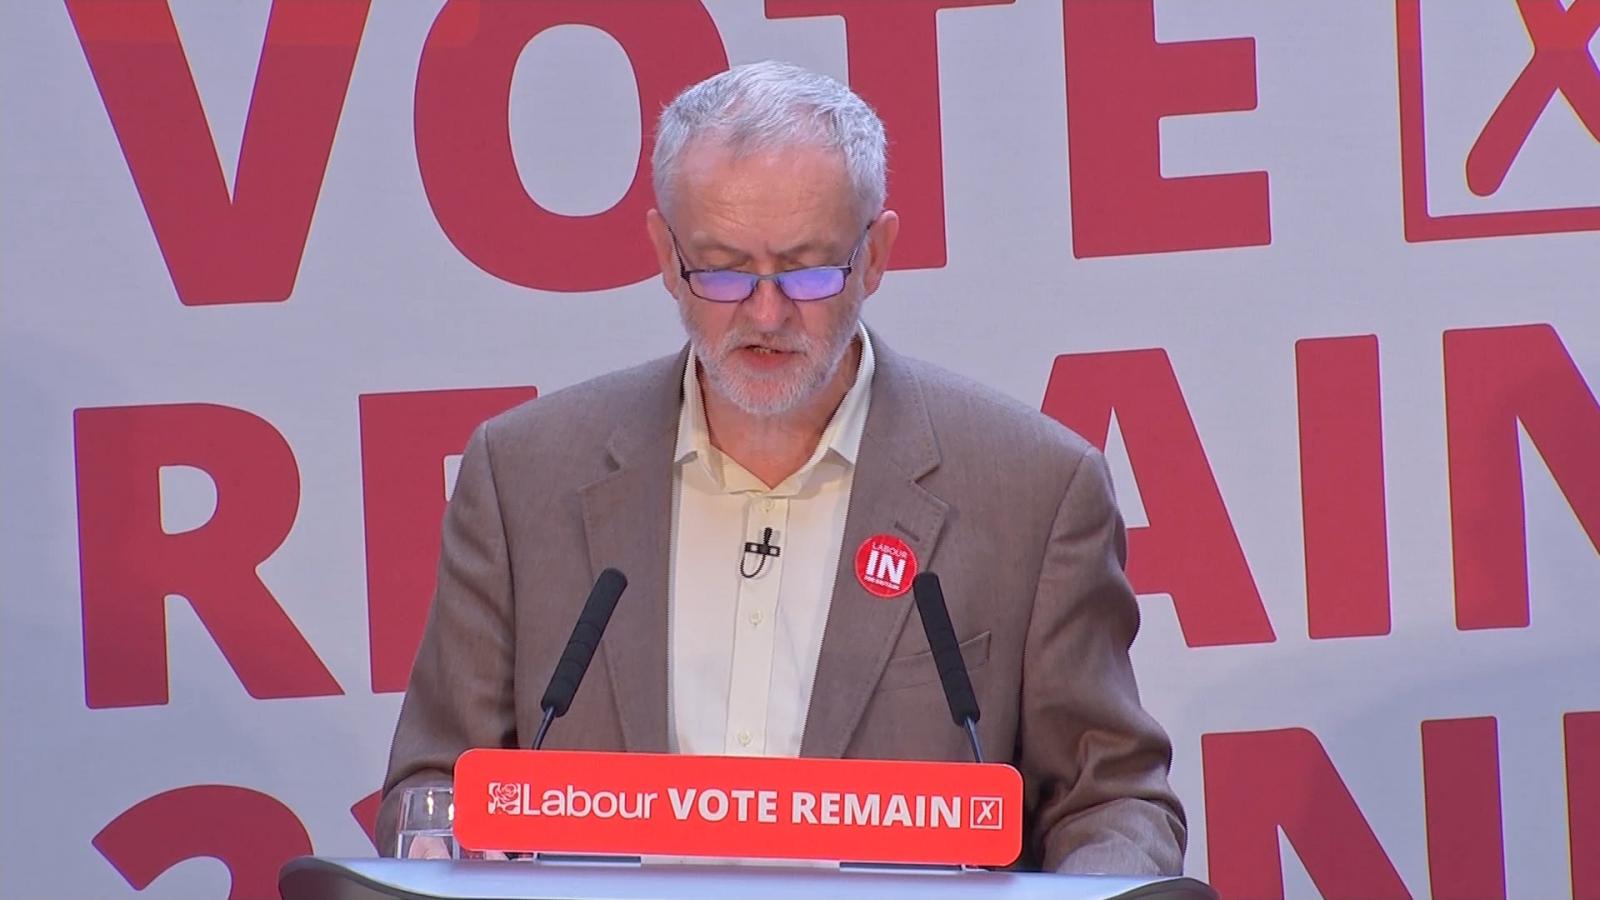 Corbyn Remain speech